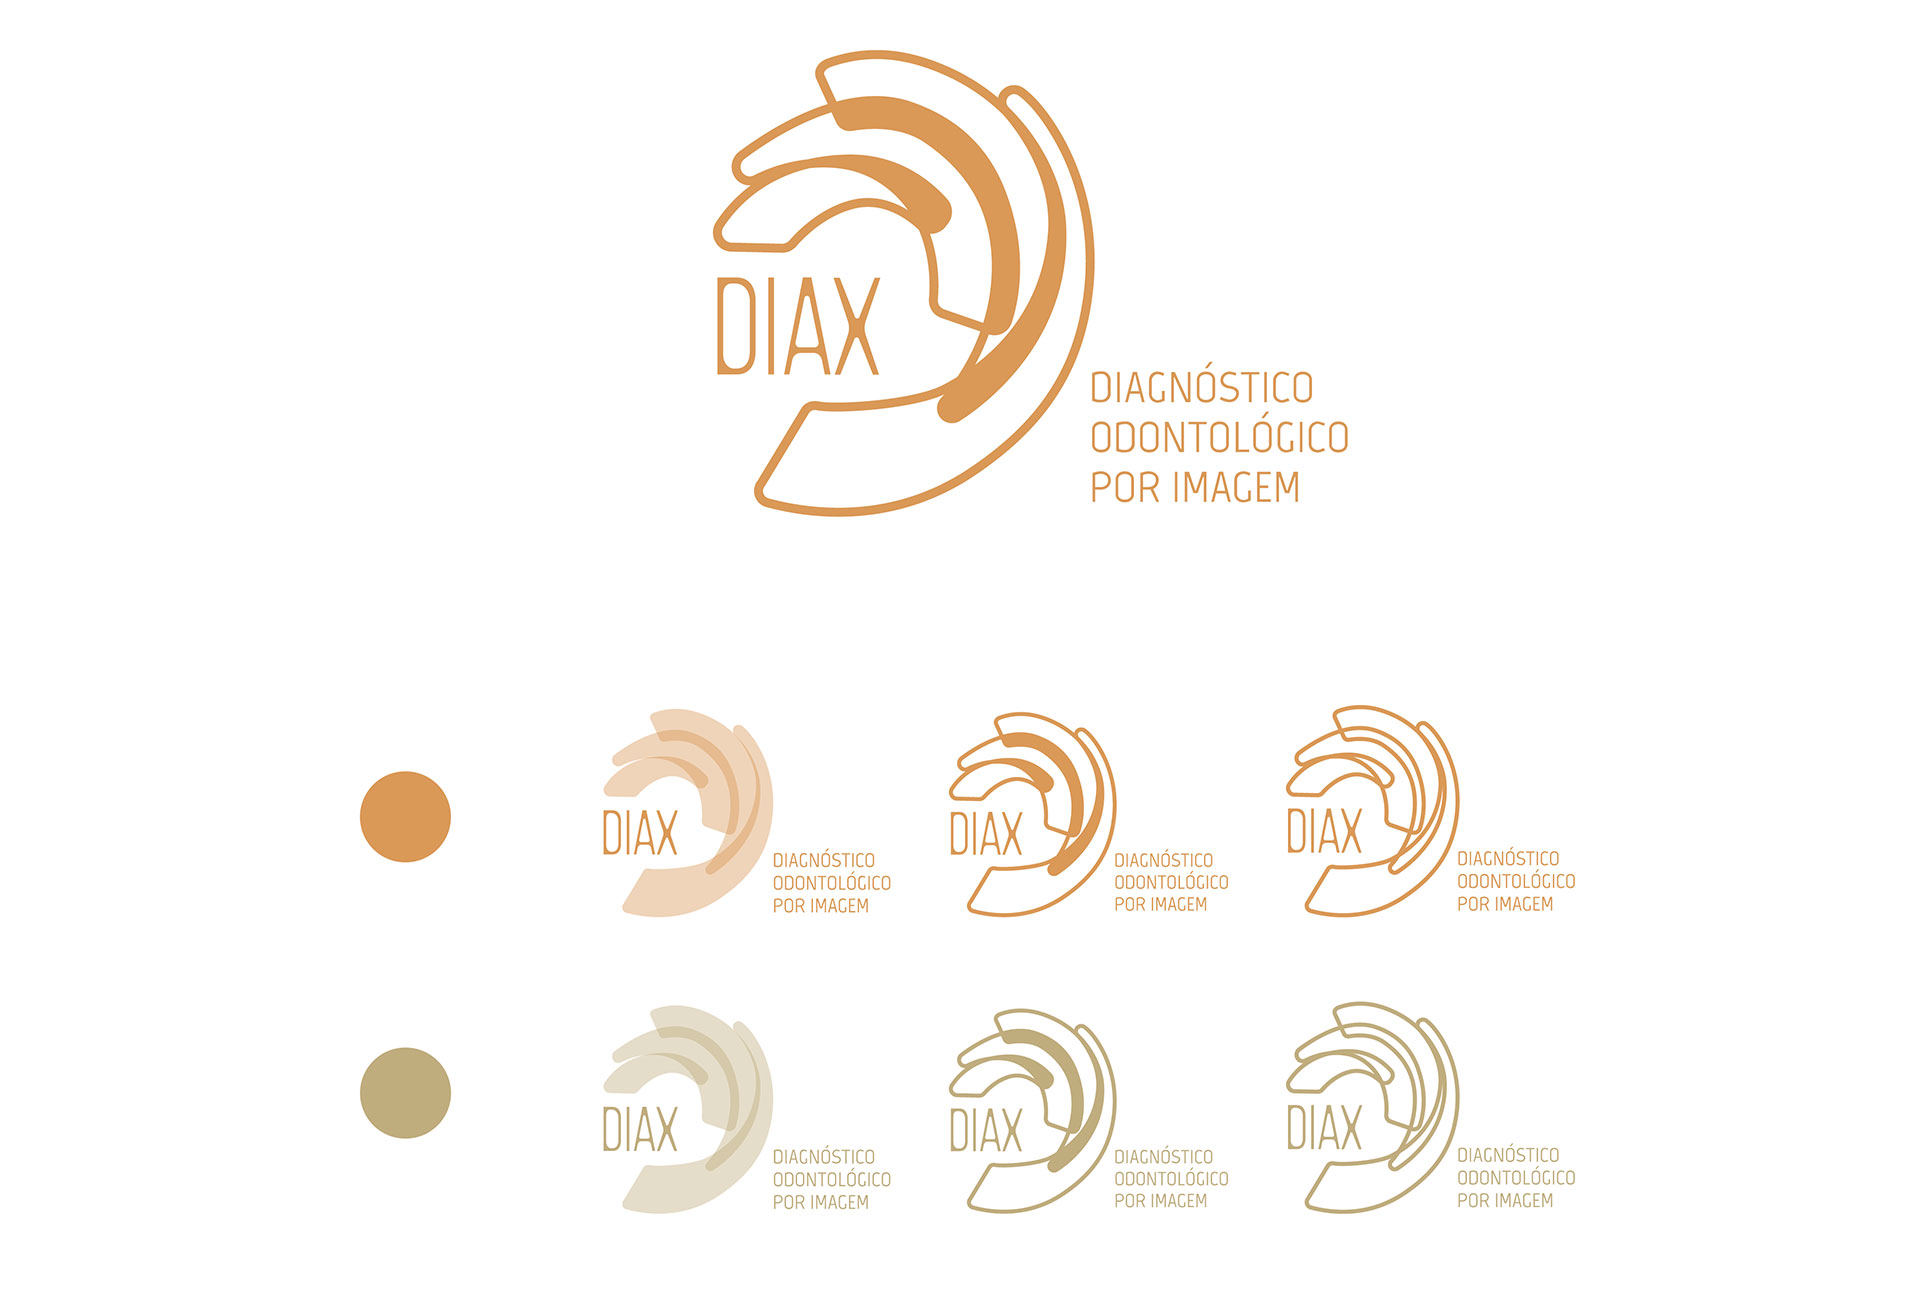 diax-03